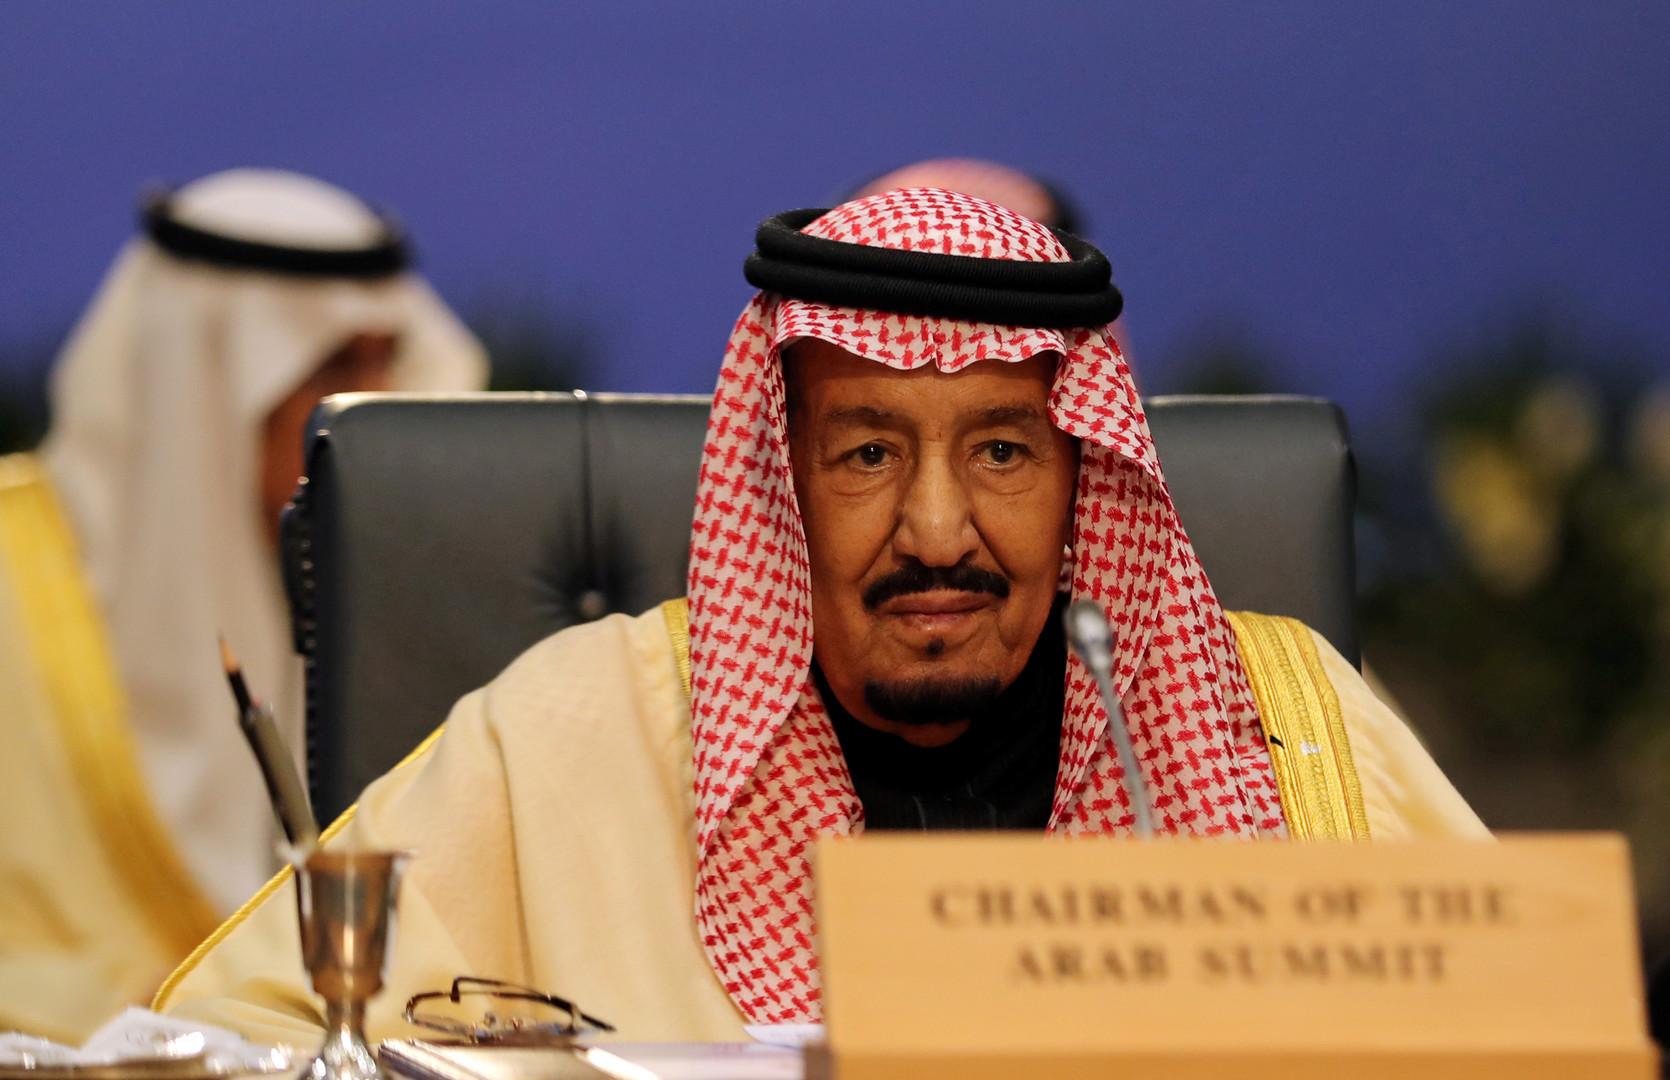 الرياض: تخريب محطتي ضخ النفط يستهدف السعودية والاقتصاد العالمي